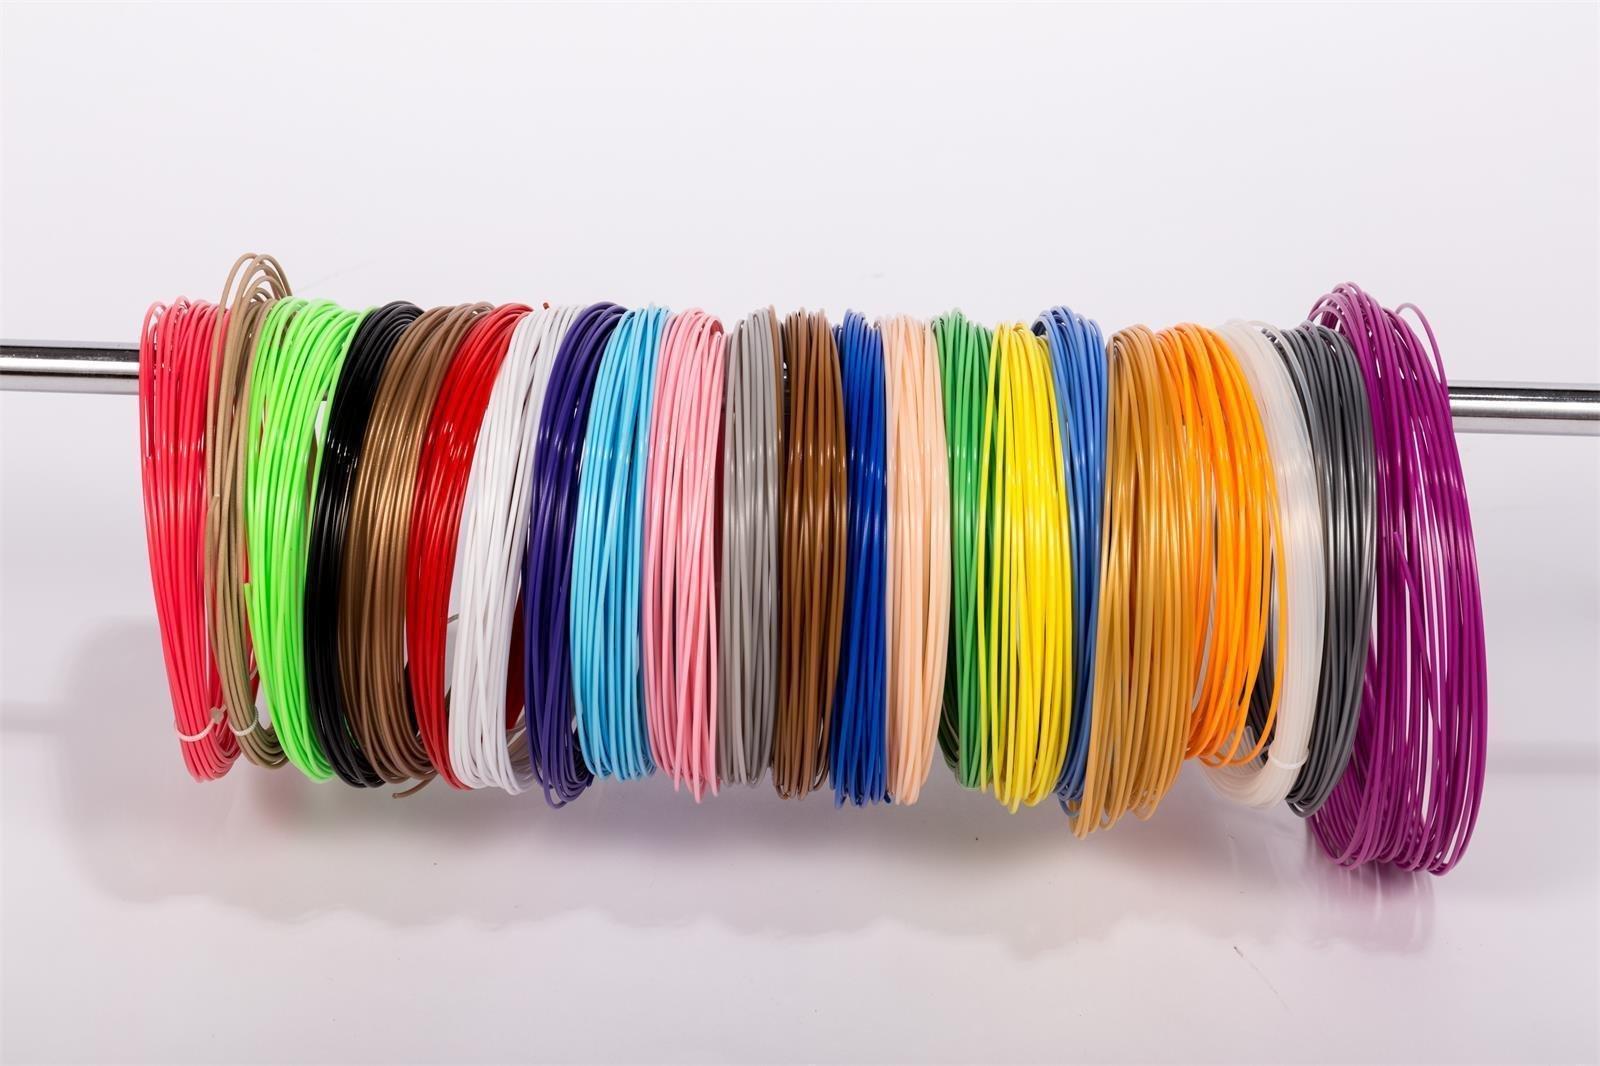 RMAN–Haute Qualité pour imprimante 3d PLA Filament 1KG 1.75mm en différentes couleurs avec bobine/Rouleau pour Makerbot Reprap MakerGear Ultimaker etc.